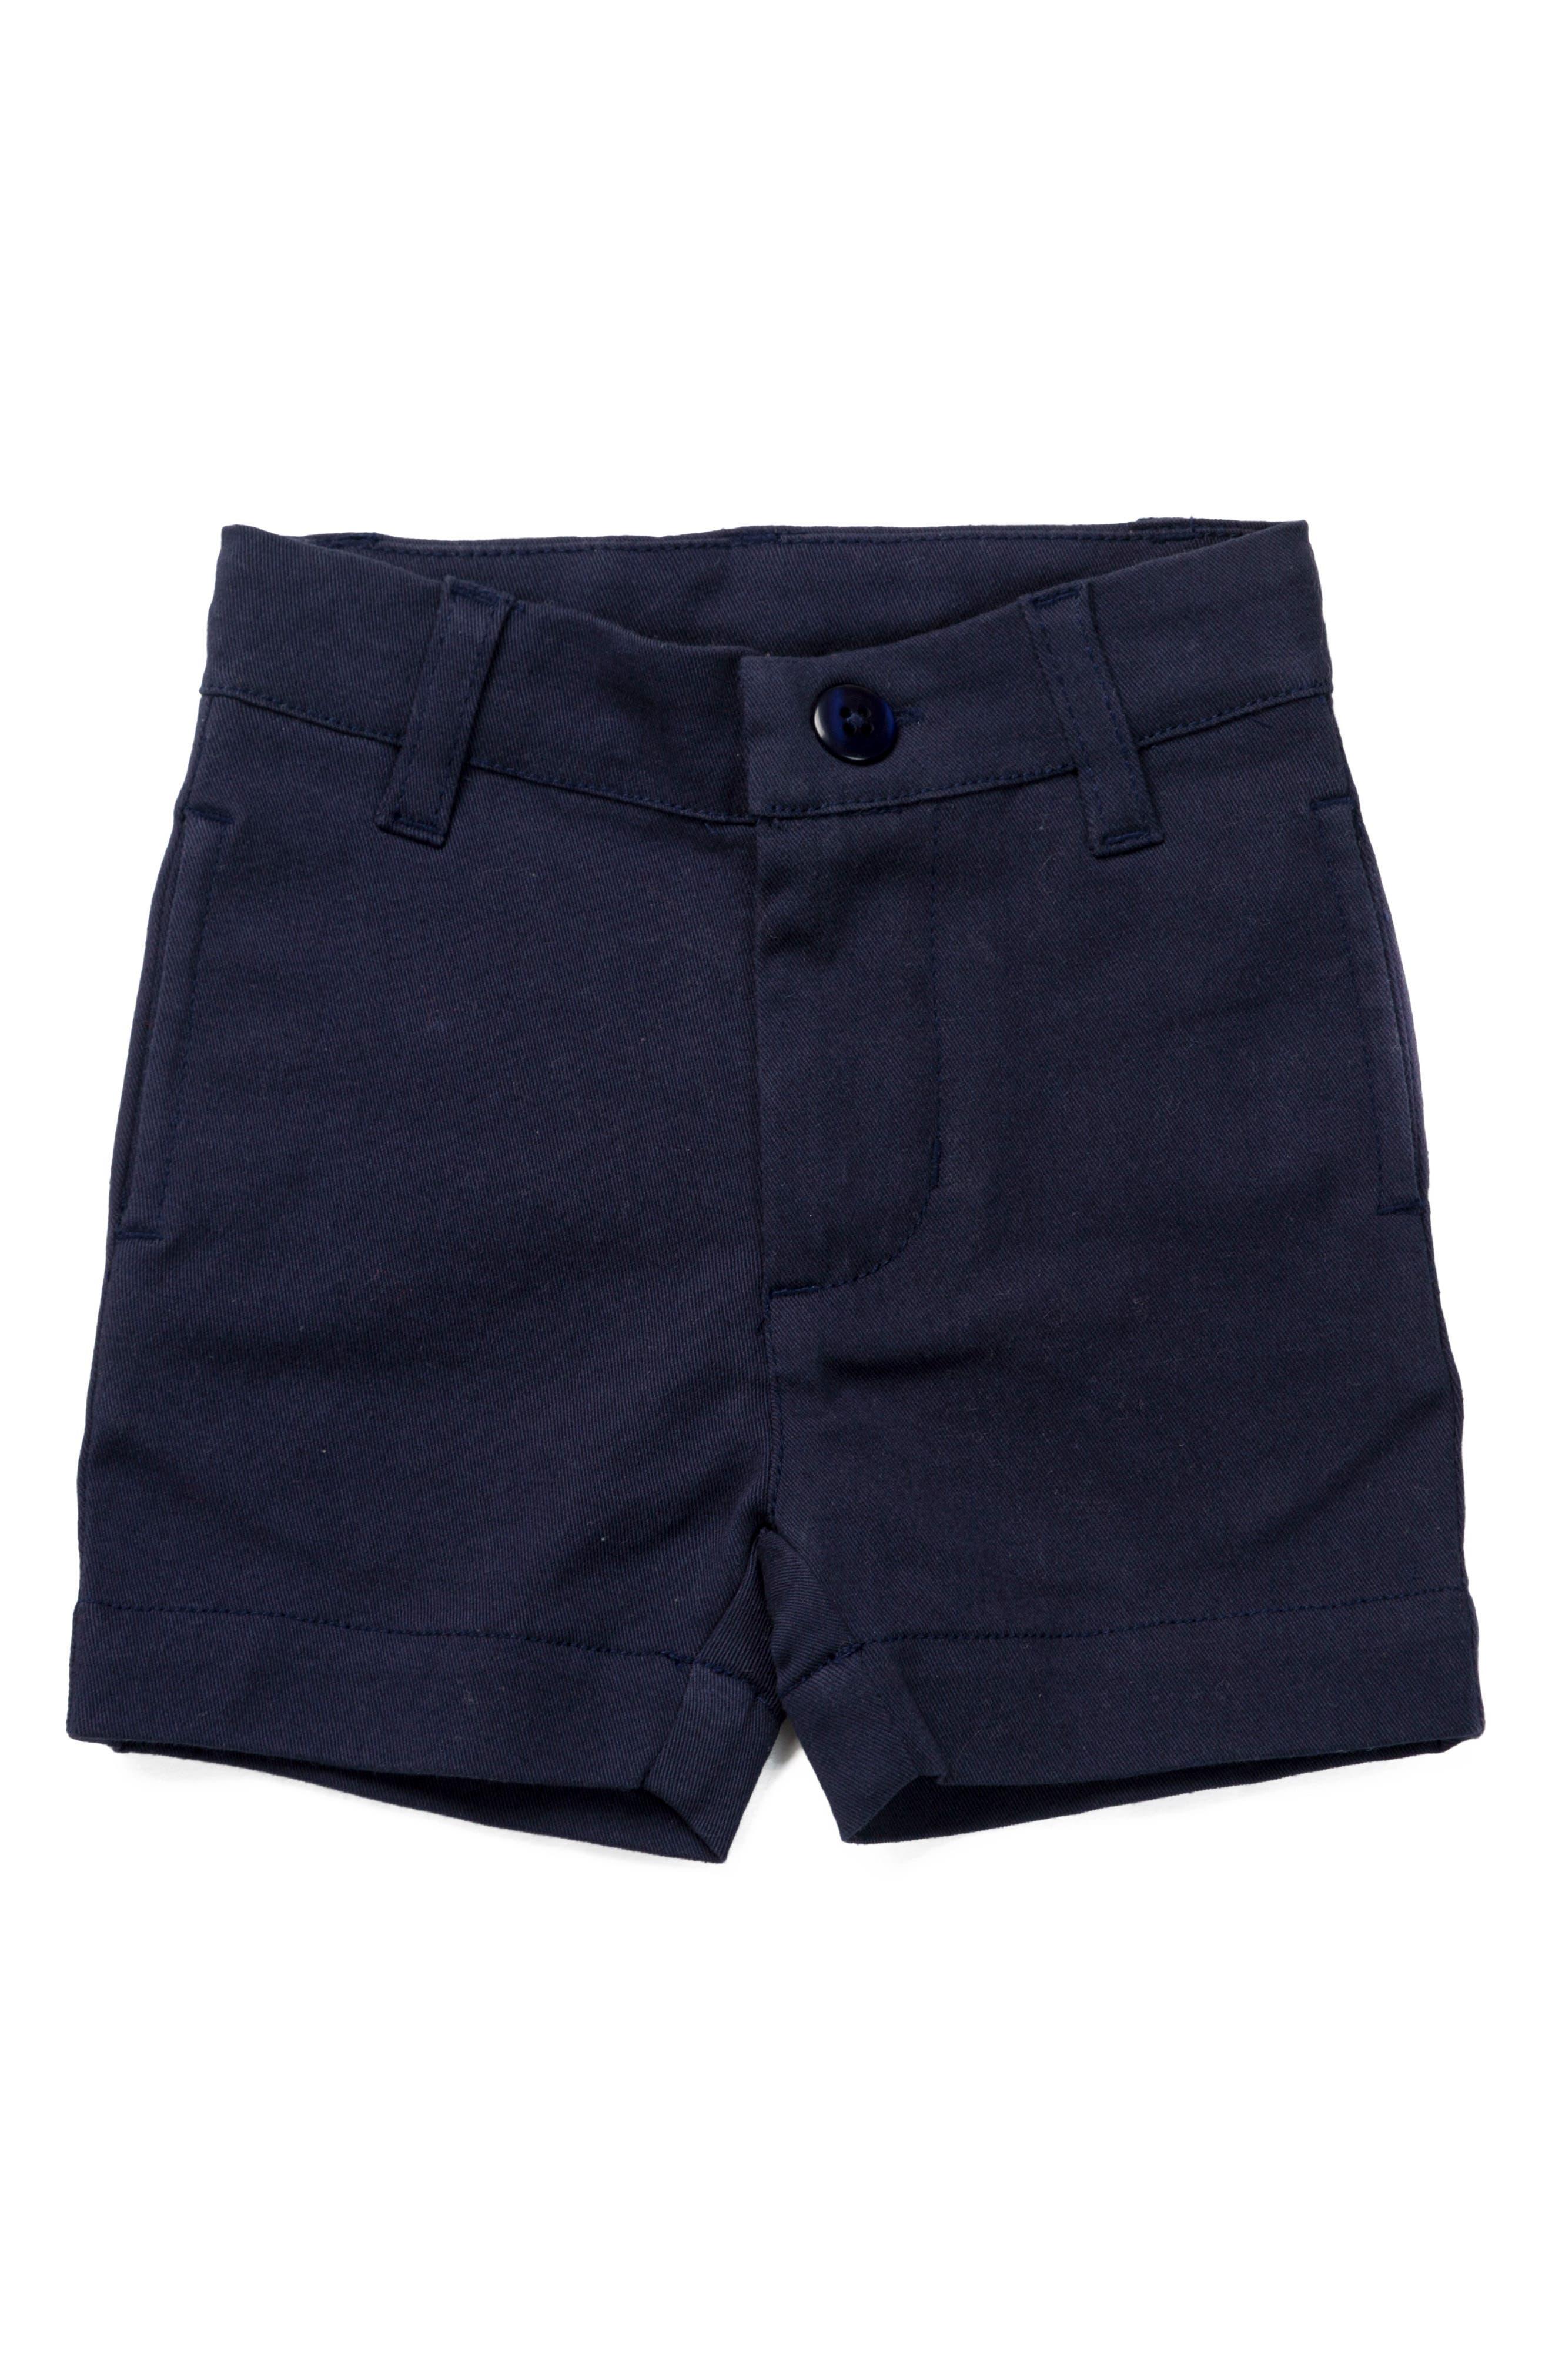 Old Sport Shorts,                             Main thumbnail 1, color,